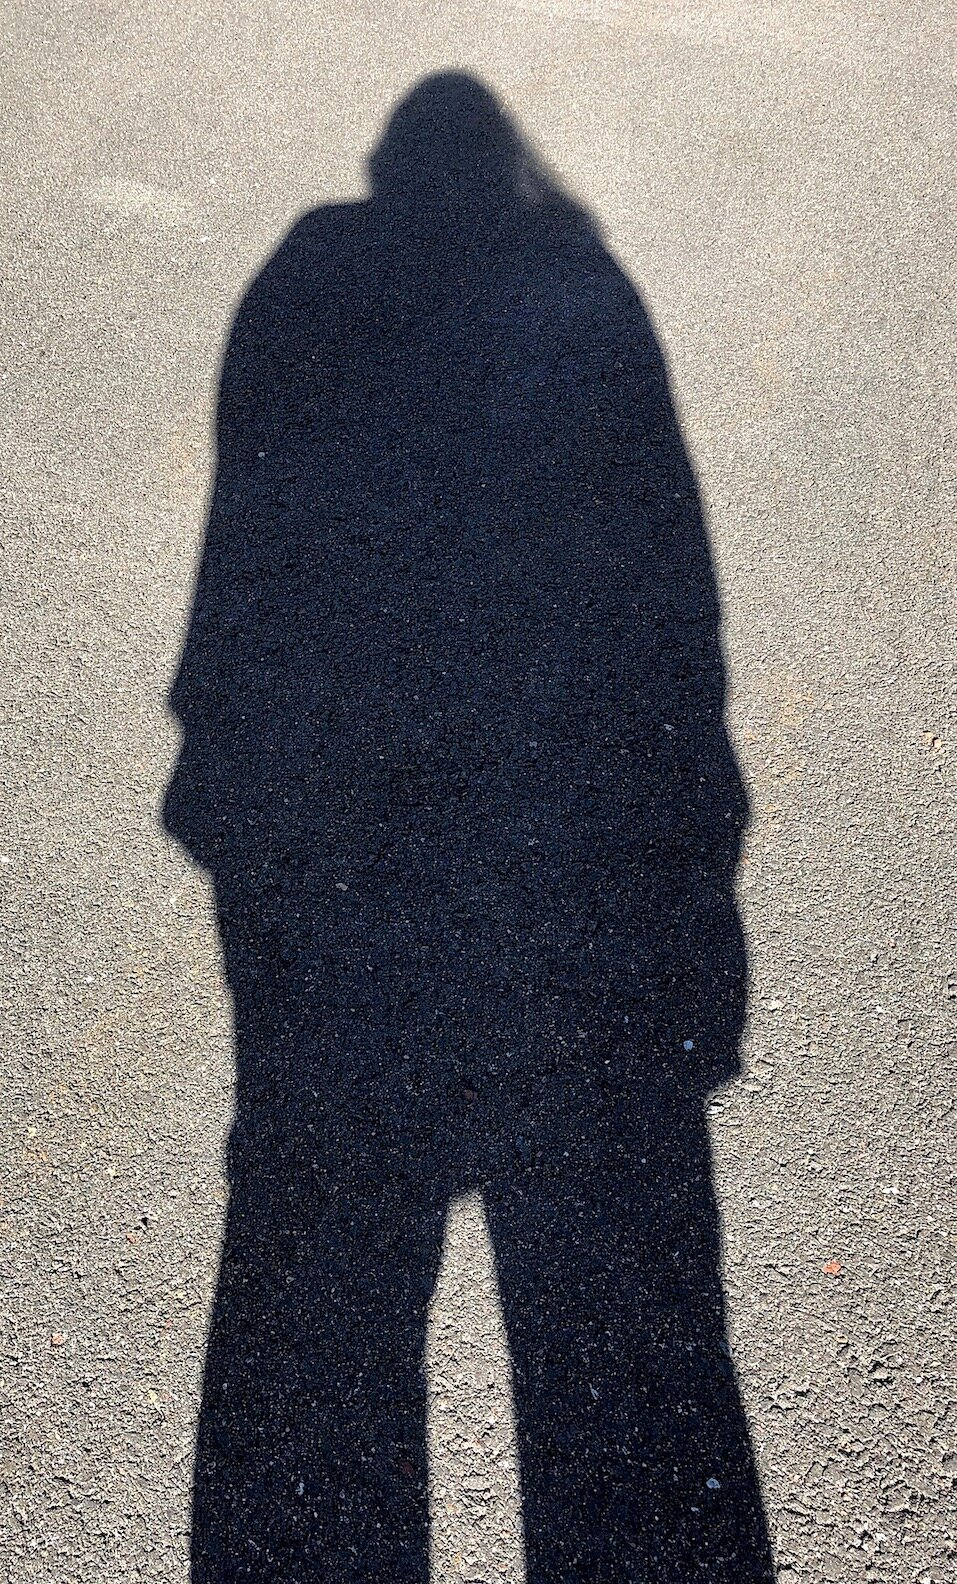 Shadow2.jpeg